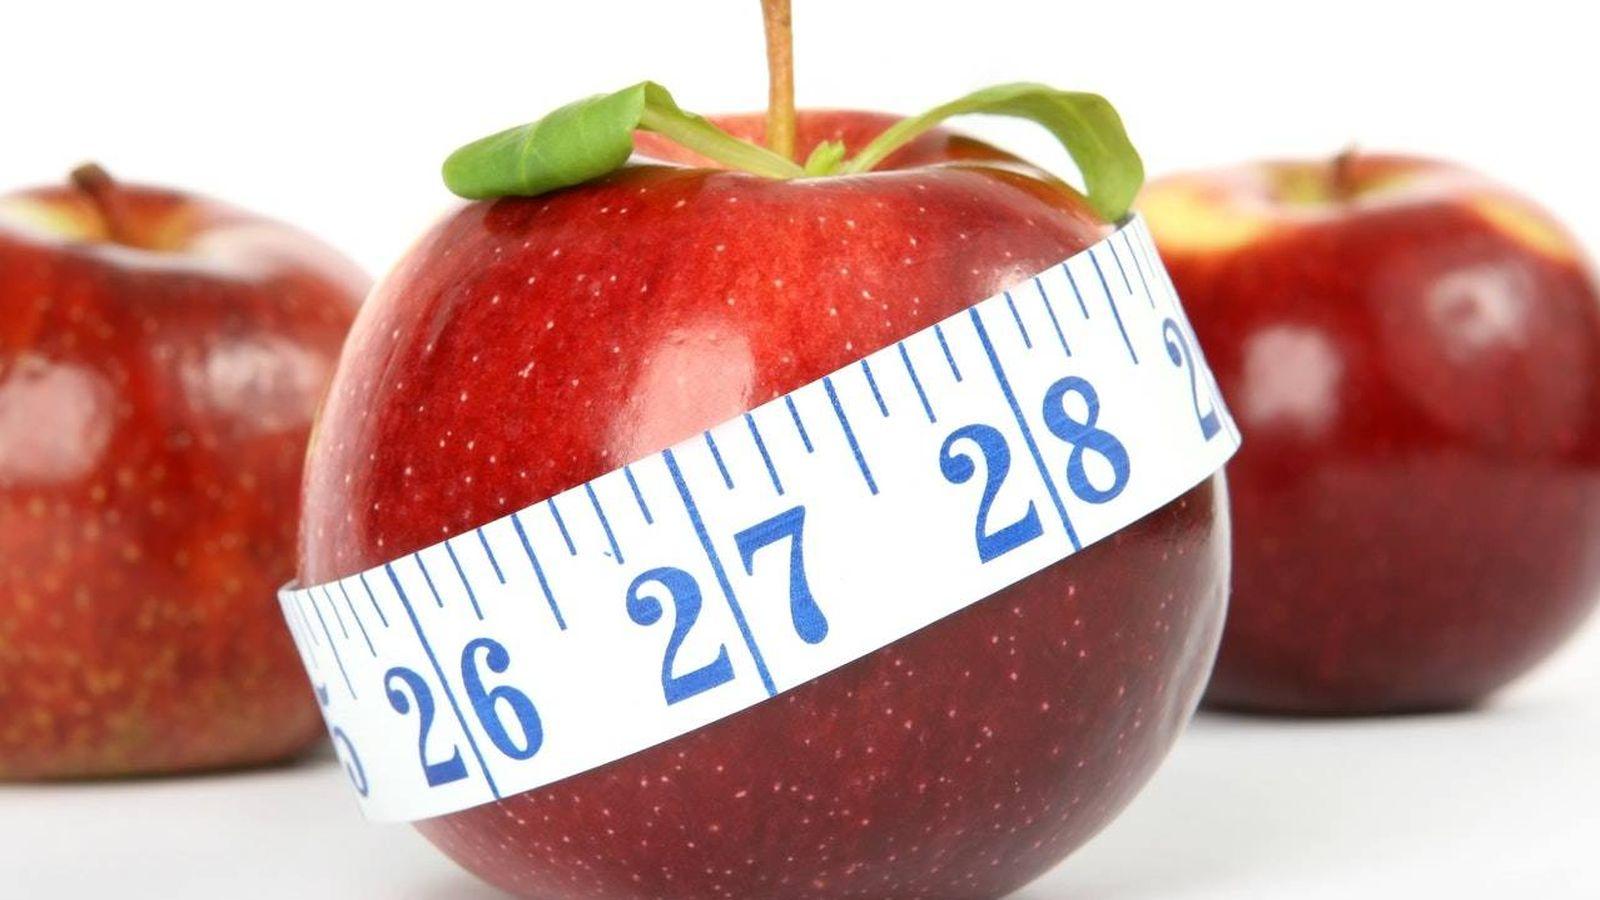 Foto: ¿Preocupado por tu peso? Sigue estos consejos (Pexels)